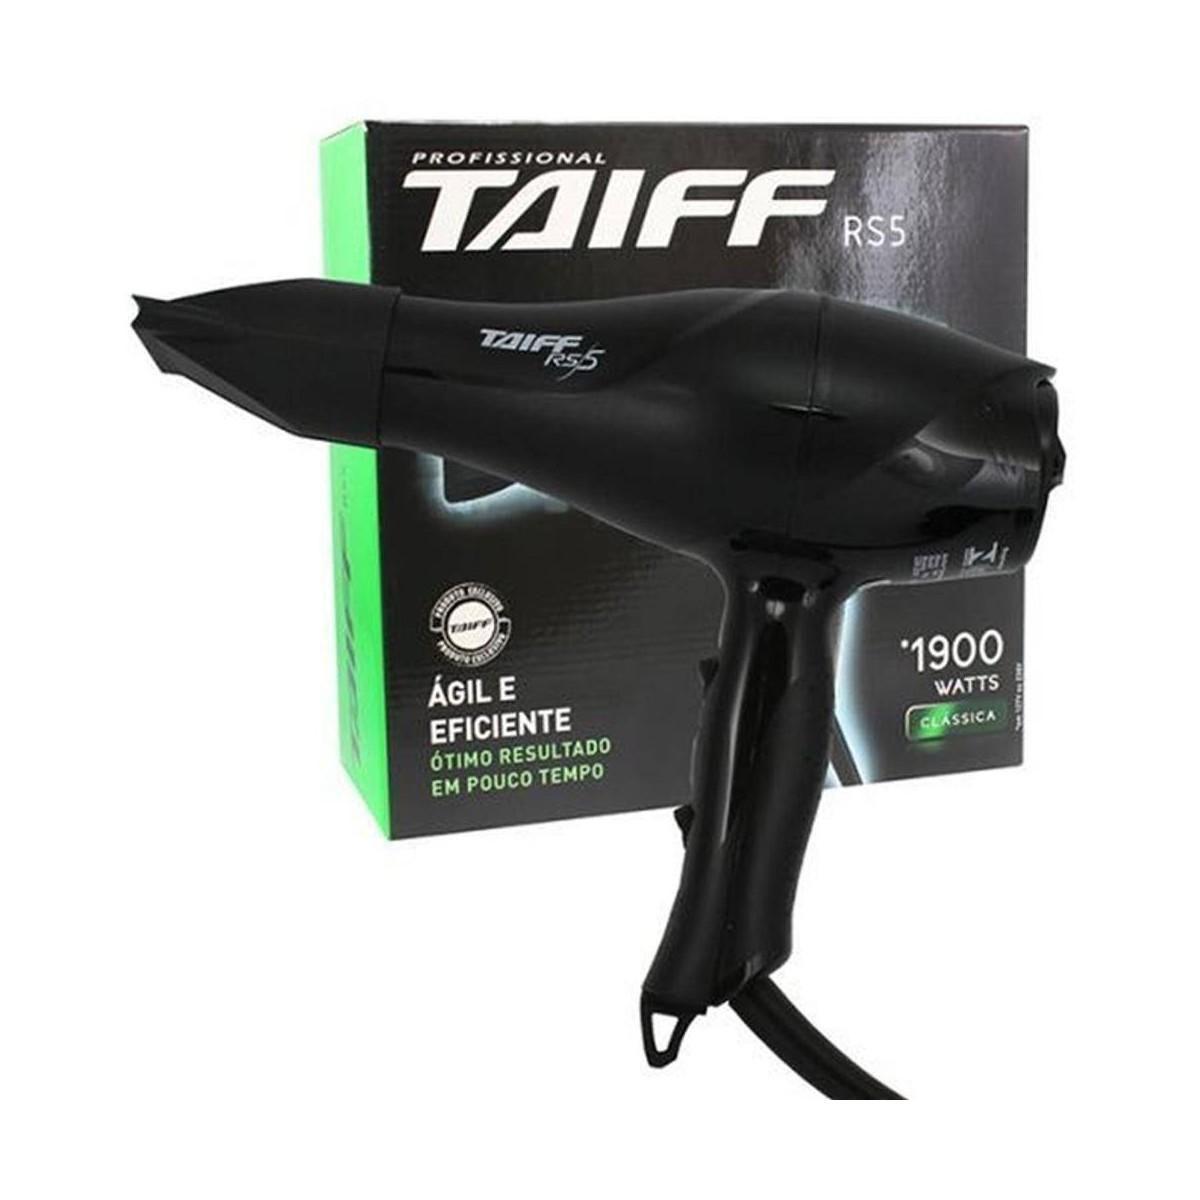 Secador RS5 Taiff 1900W - 220V - T